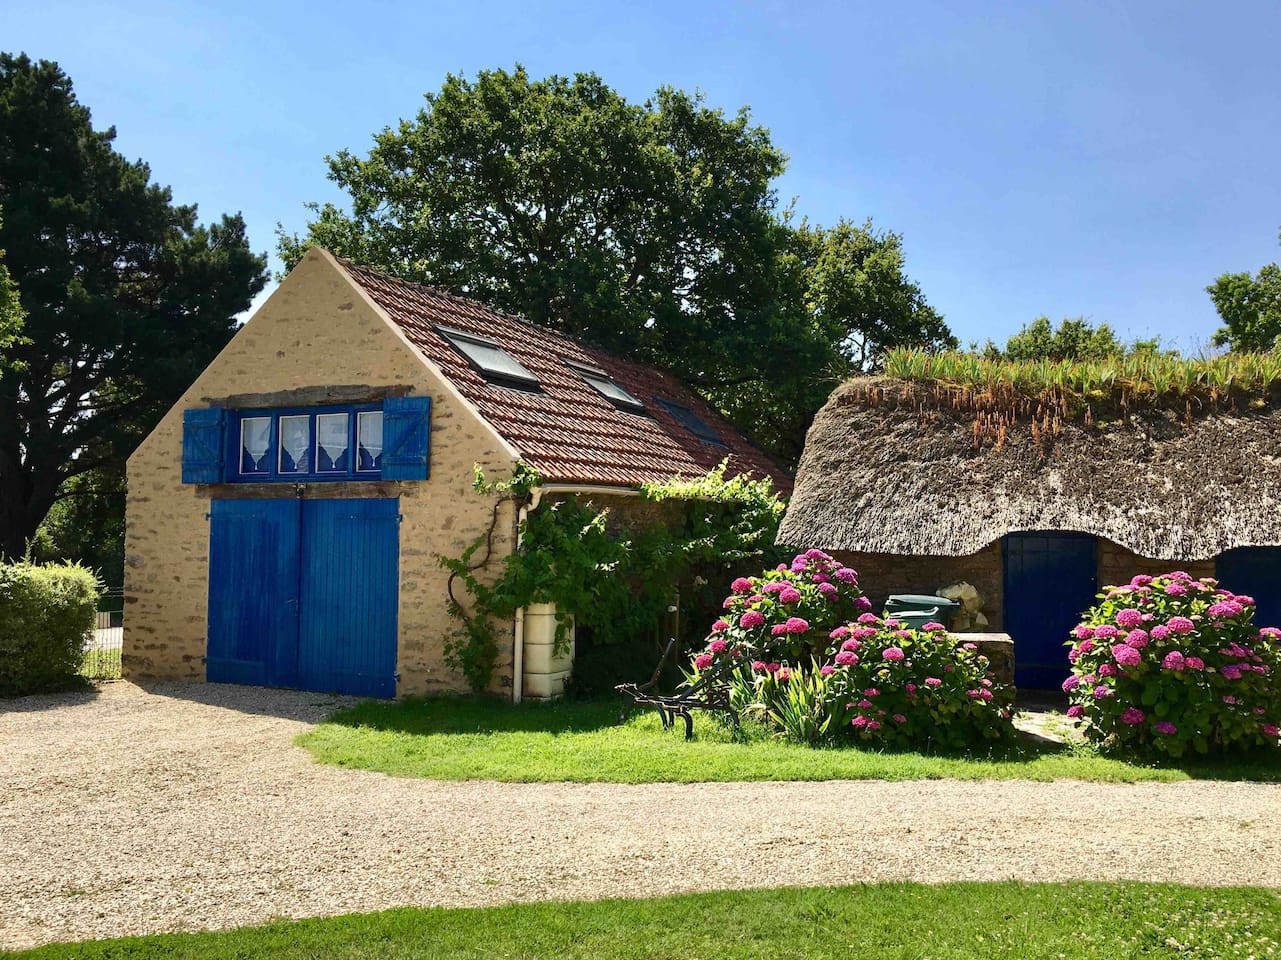 Notre studio duplex est une ancienne grange en pierre entièrement rénovée et confortablement réhabilitée afin de passer un agréable séjour au cœur de la Brière